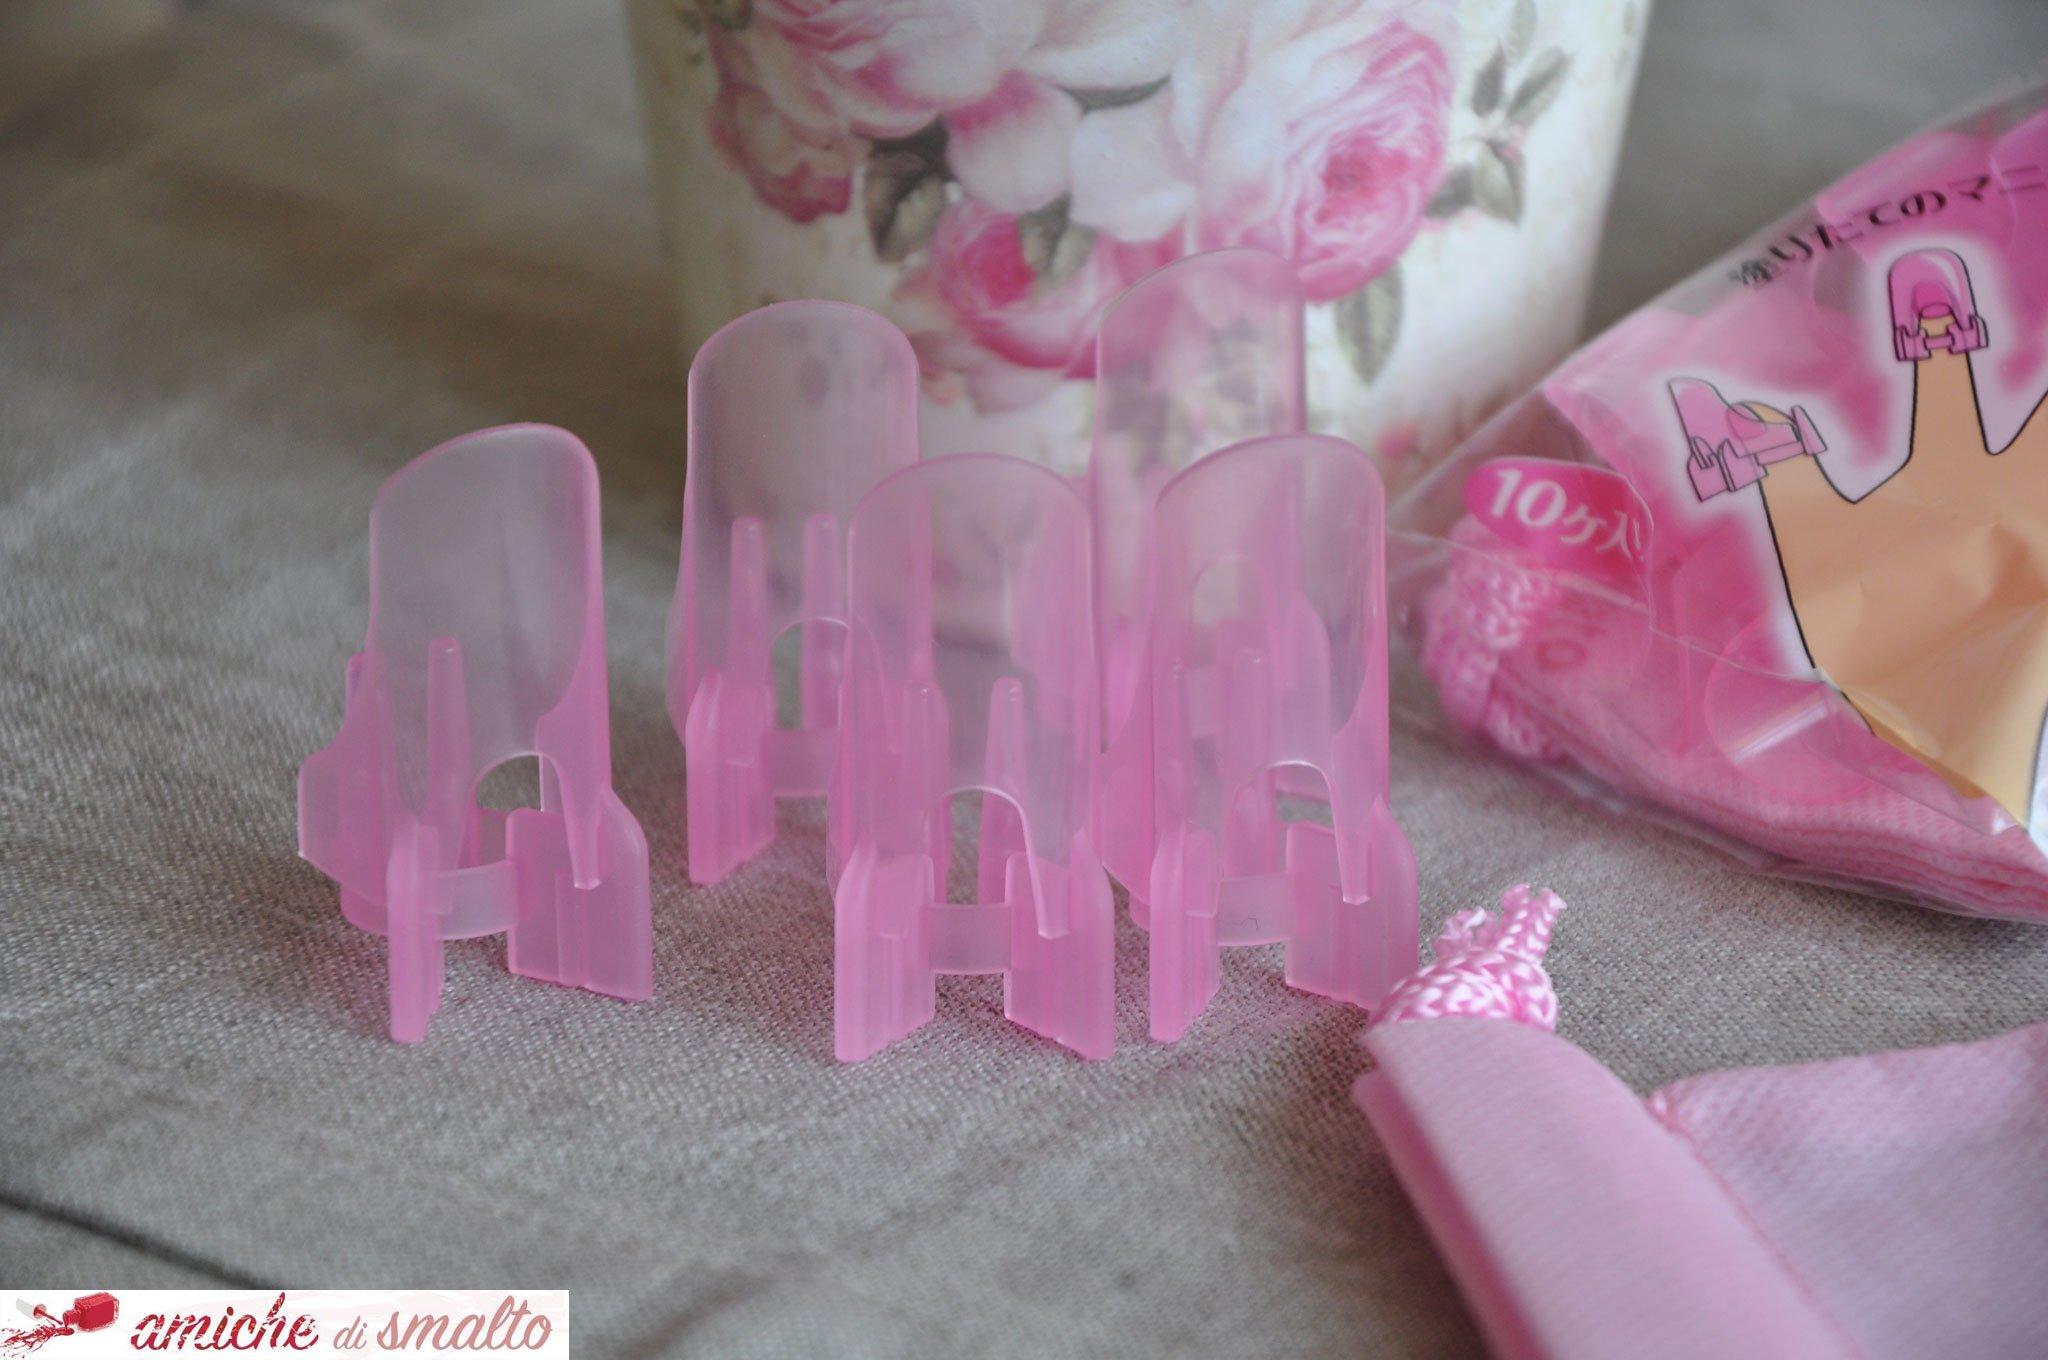 Foto dei dettaglio dei proteggi unghie